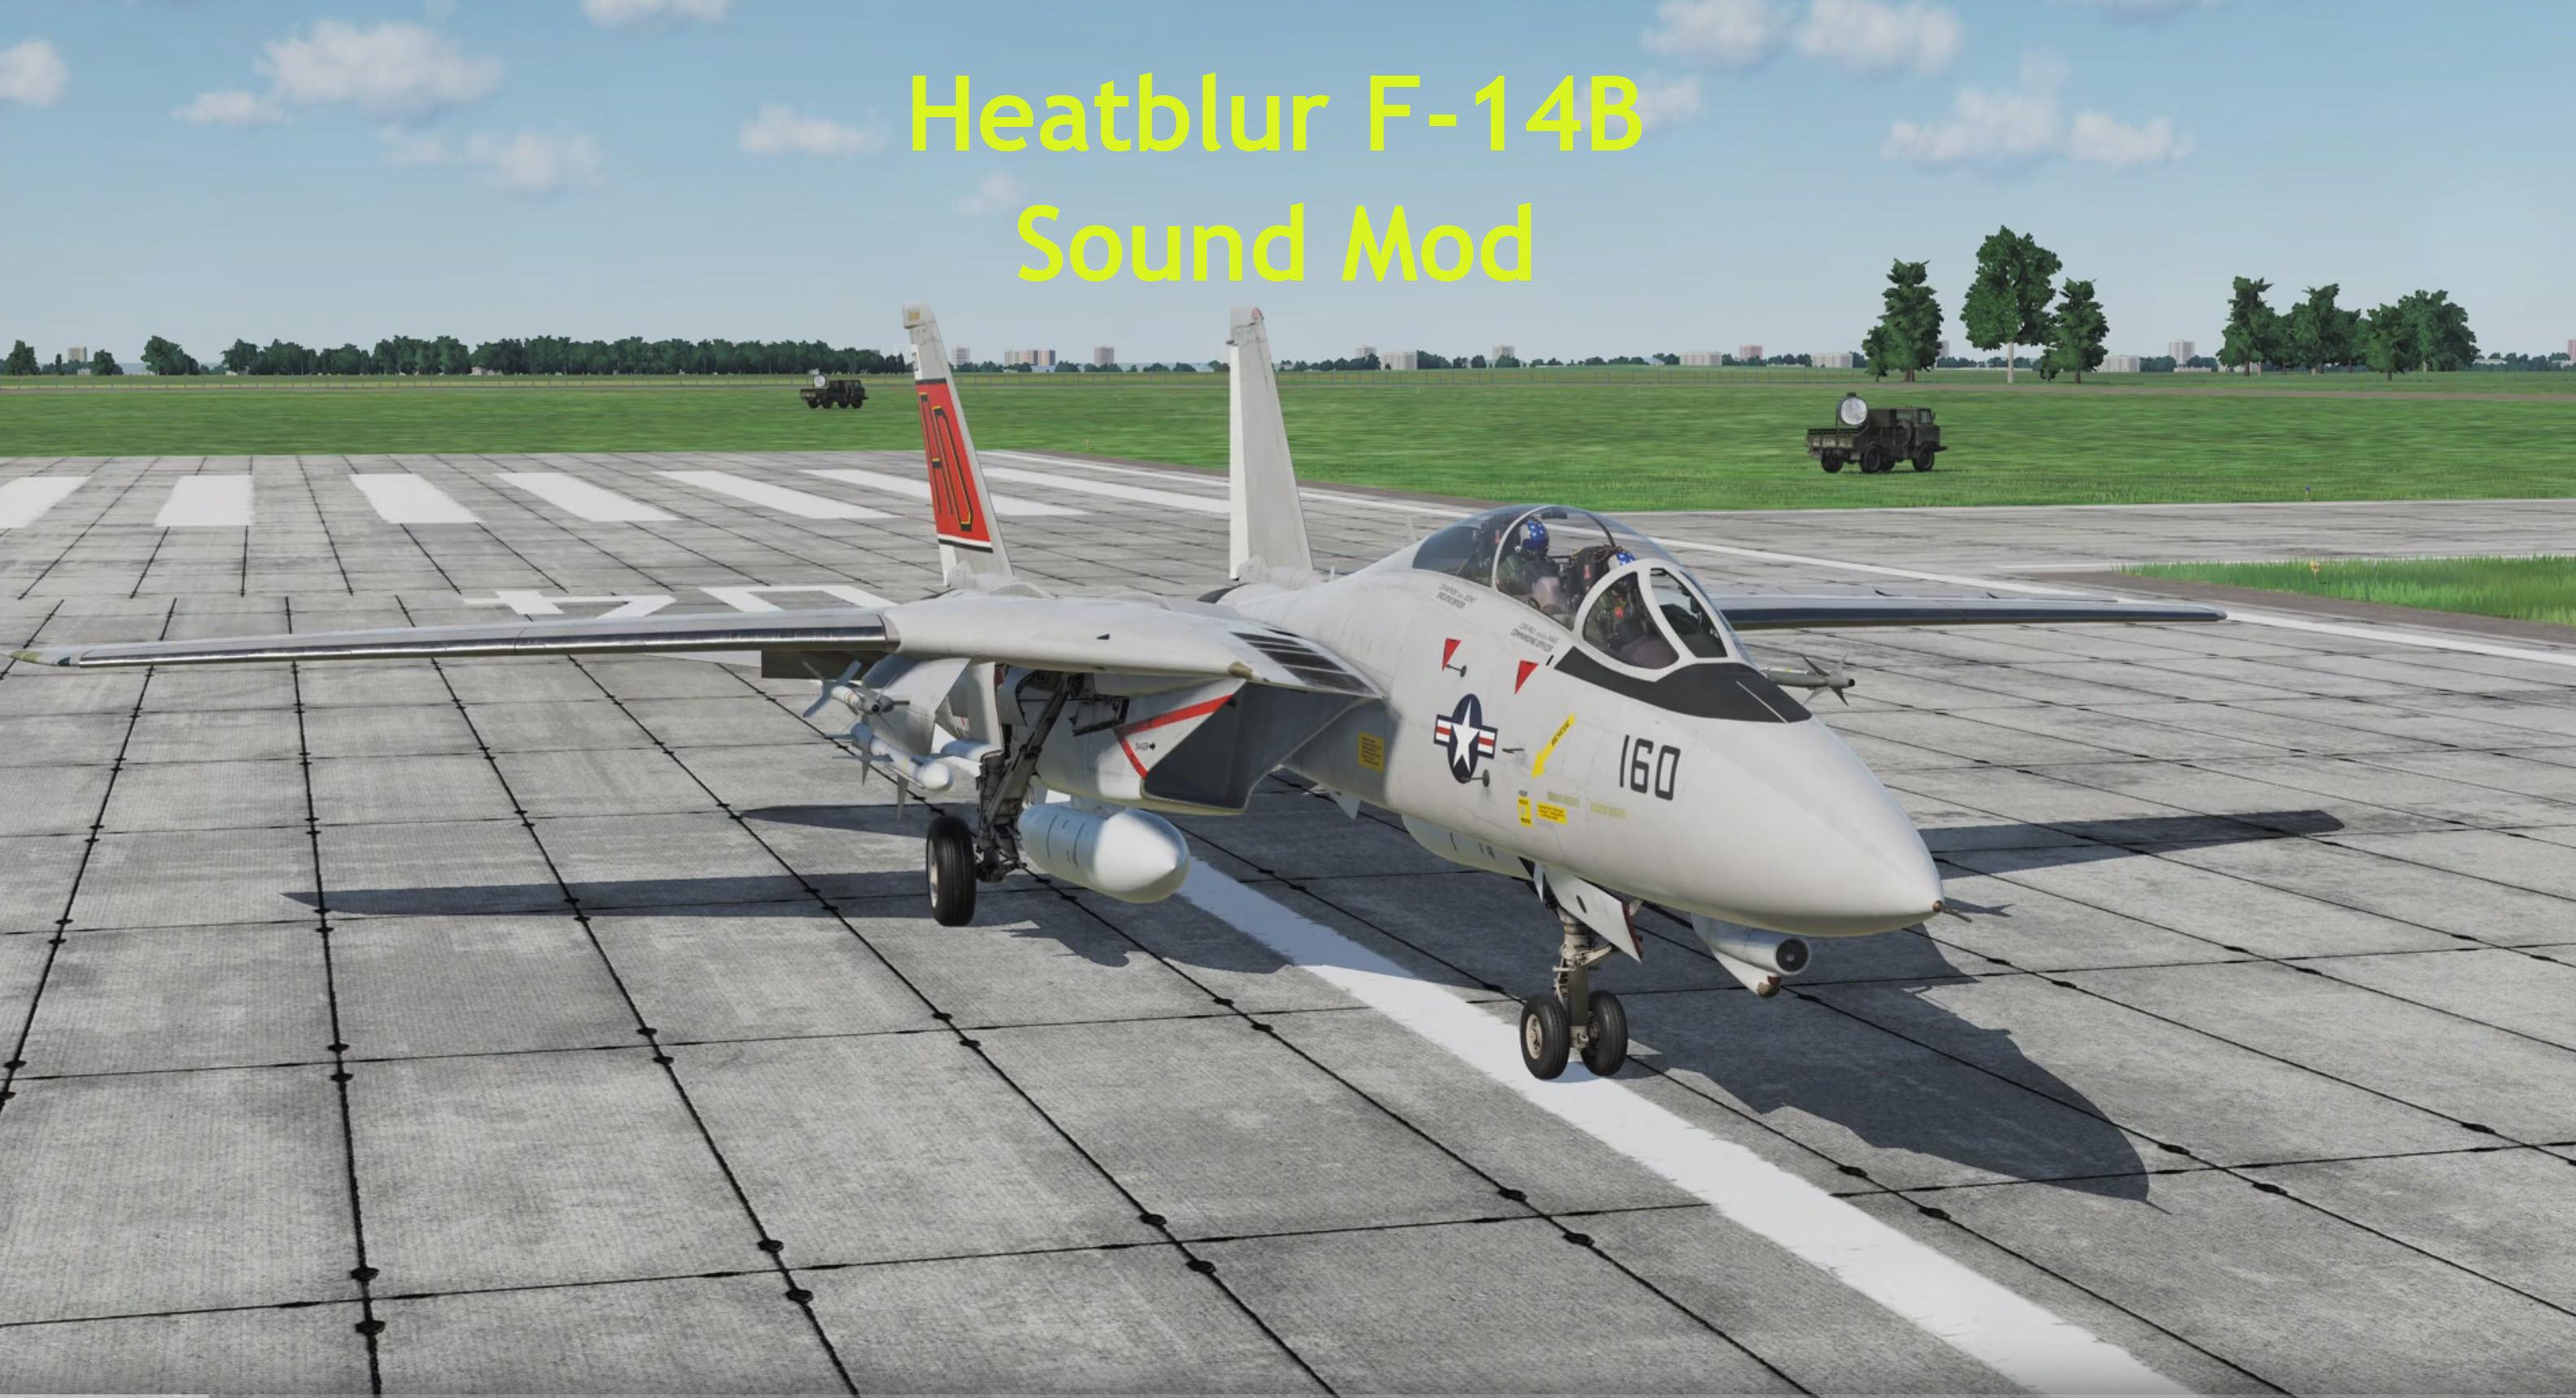 Heatblur F-14B Sound Mod